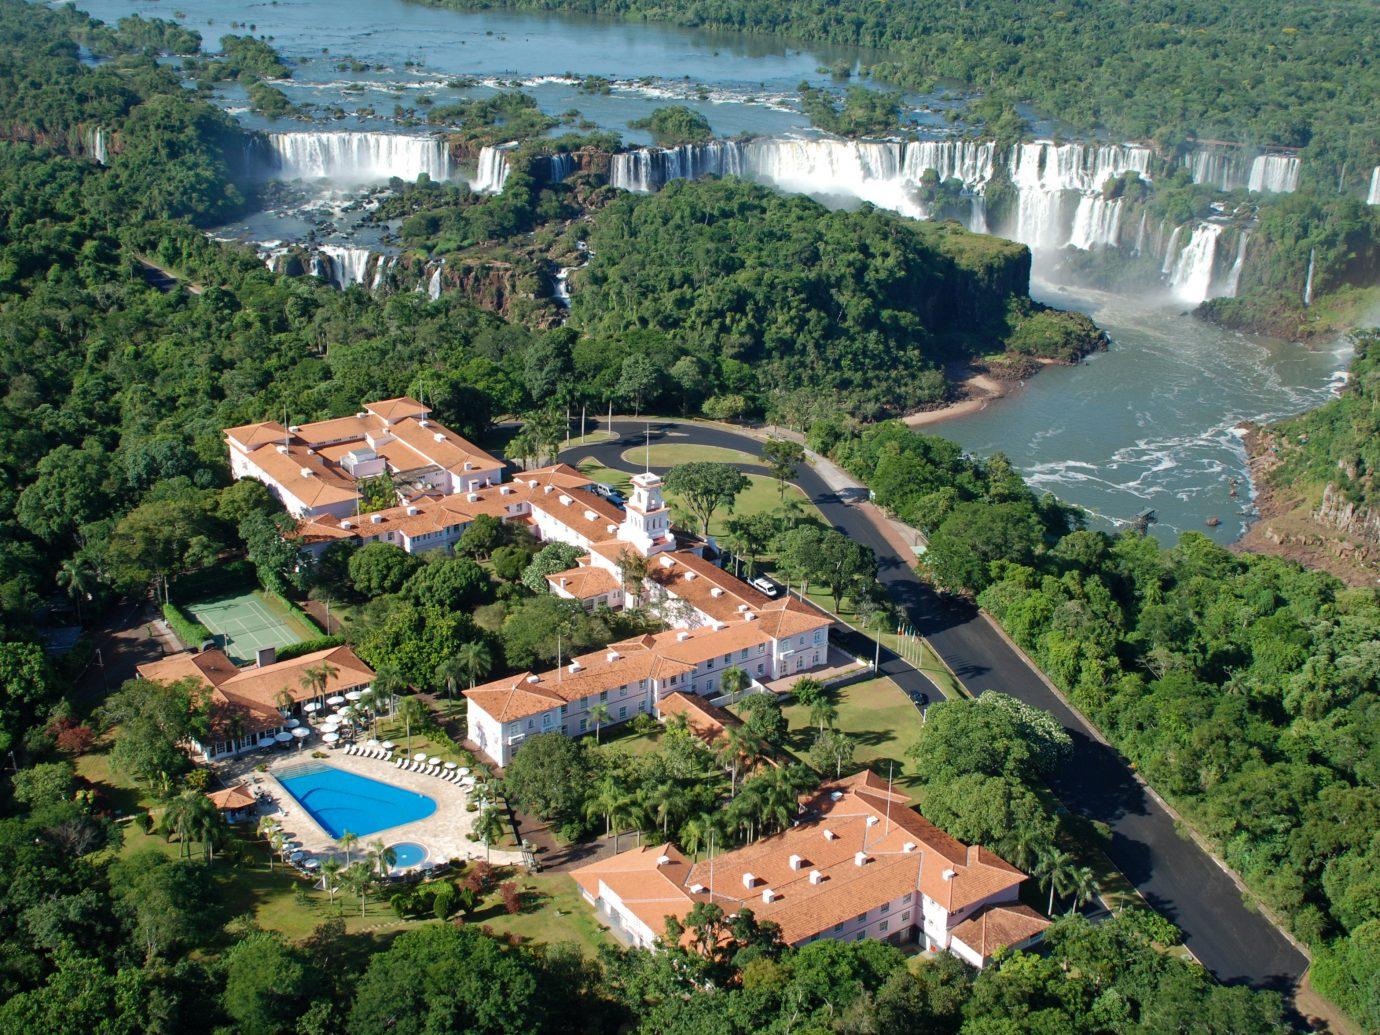 Aerial View Of Belmond Hotel Das Cataratas In Brazil